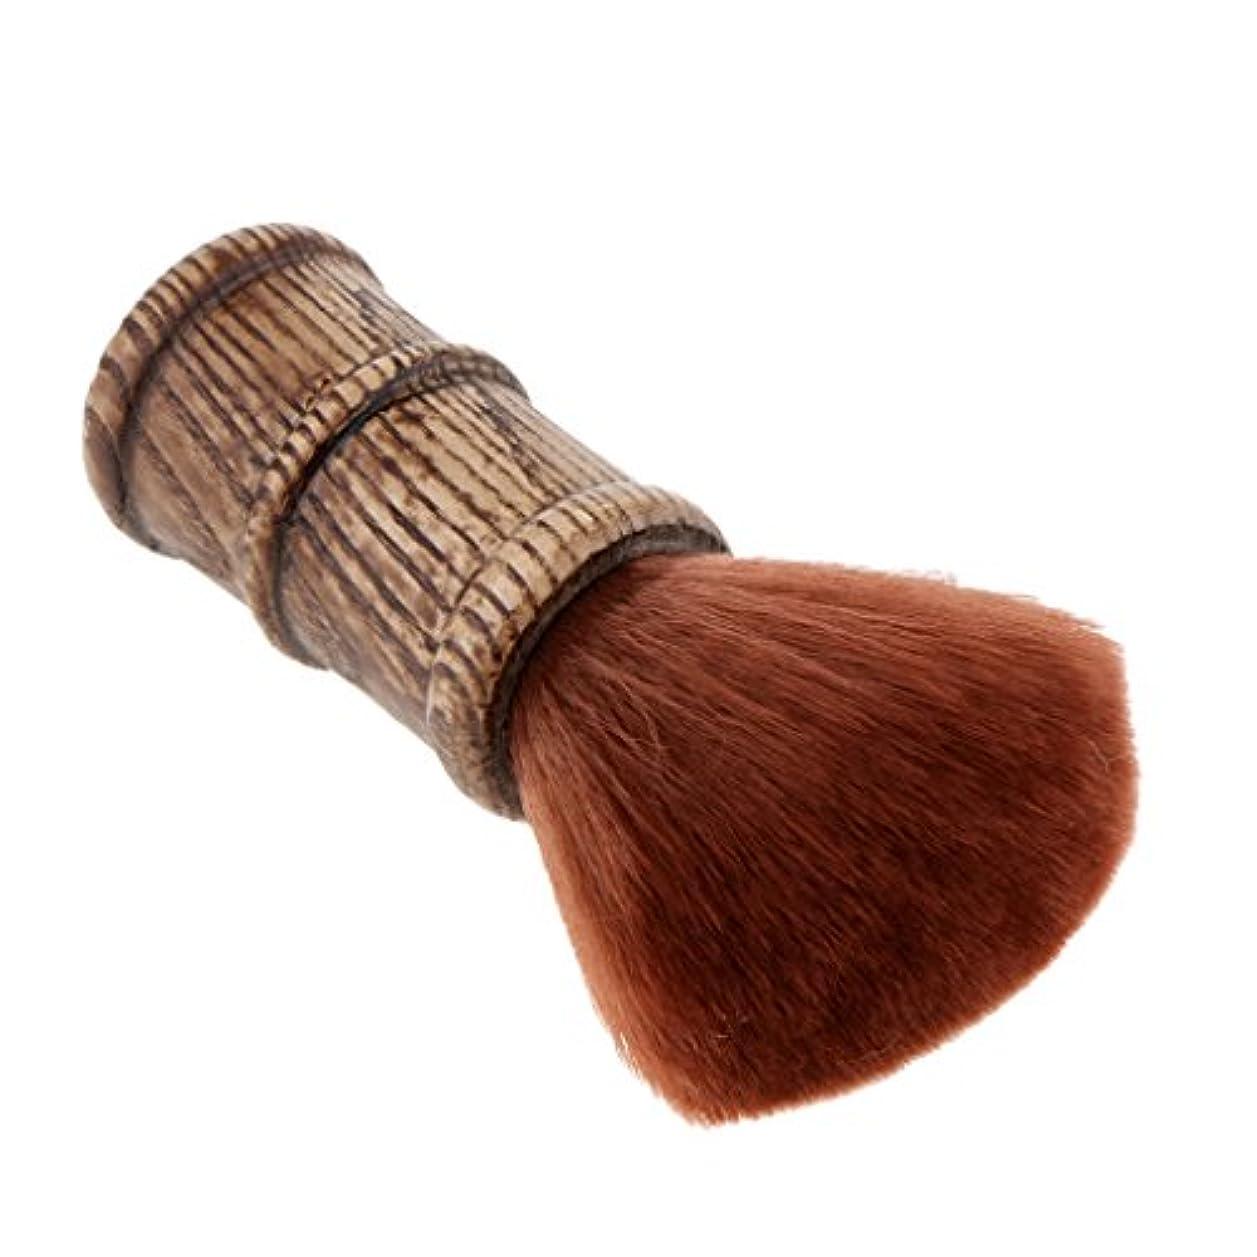 コットンキャプテンブライ限りToygogo 理髪 ネック ダスターブラシ クリーニング ヘアブラシ ヘアスイープブラシ サロンツール 2色選べる - 褐色